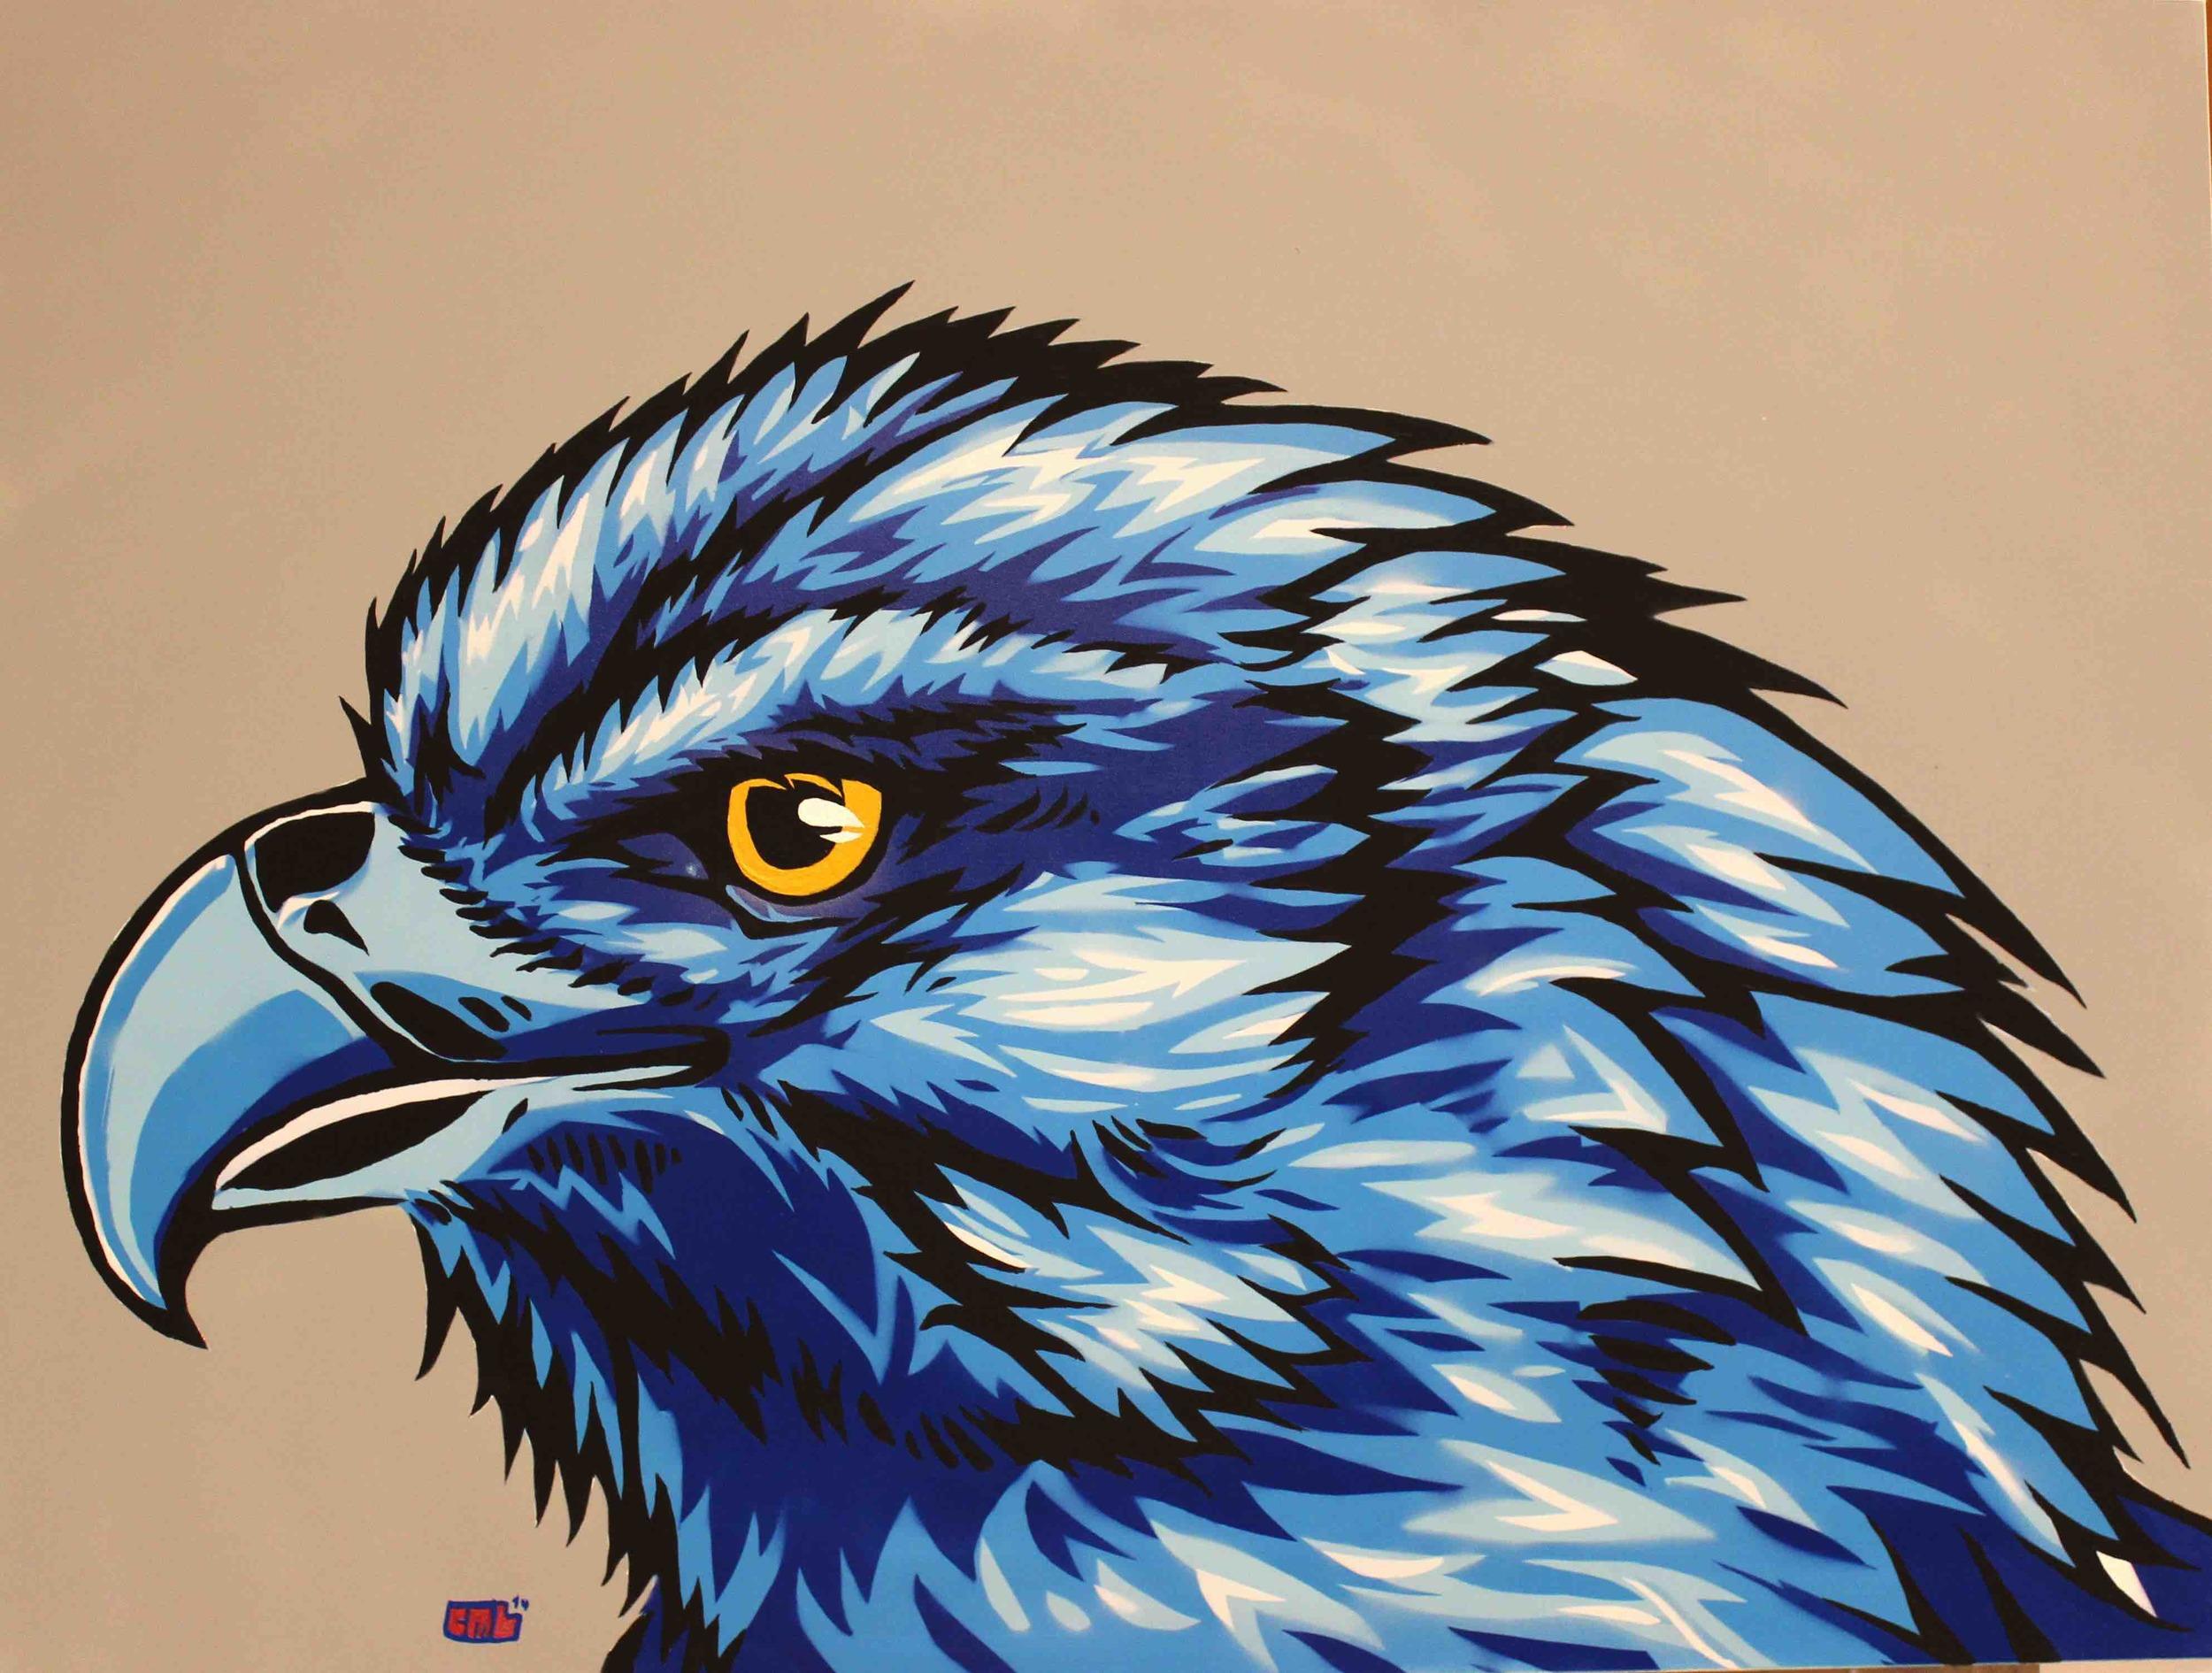 XL Bird.jpg  Calvin Laituri Acrylic and Spray Paint 36- x 48-.jpg